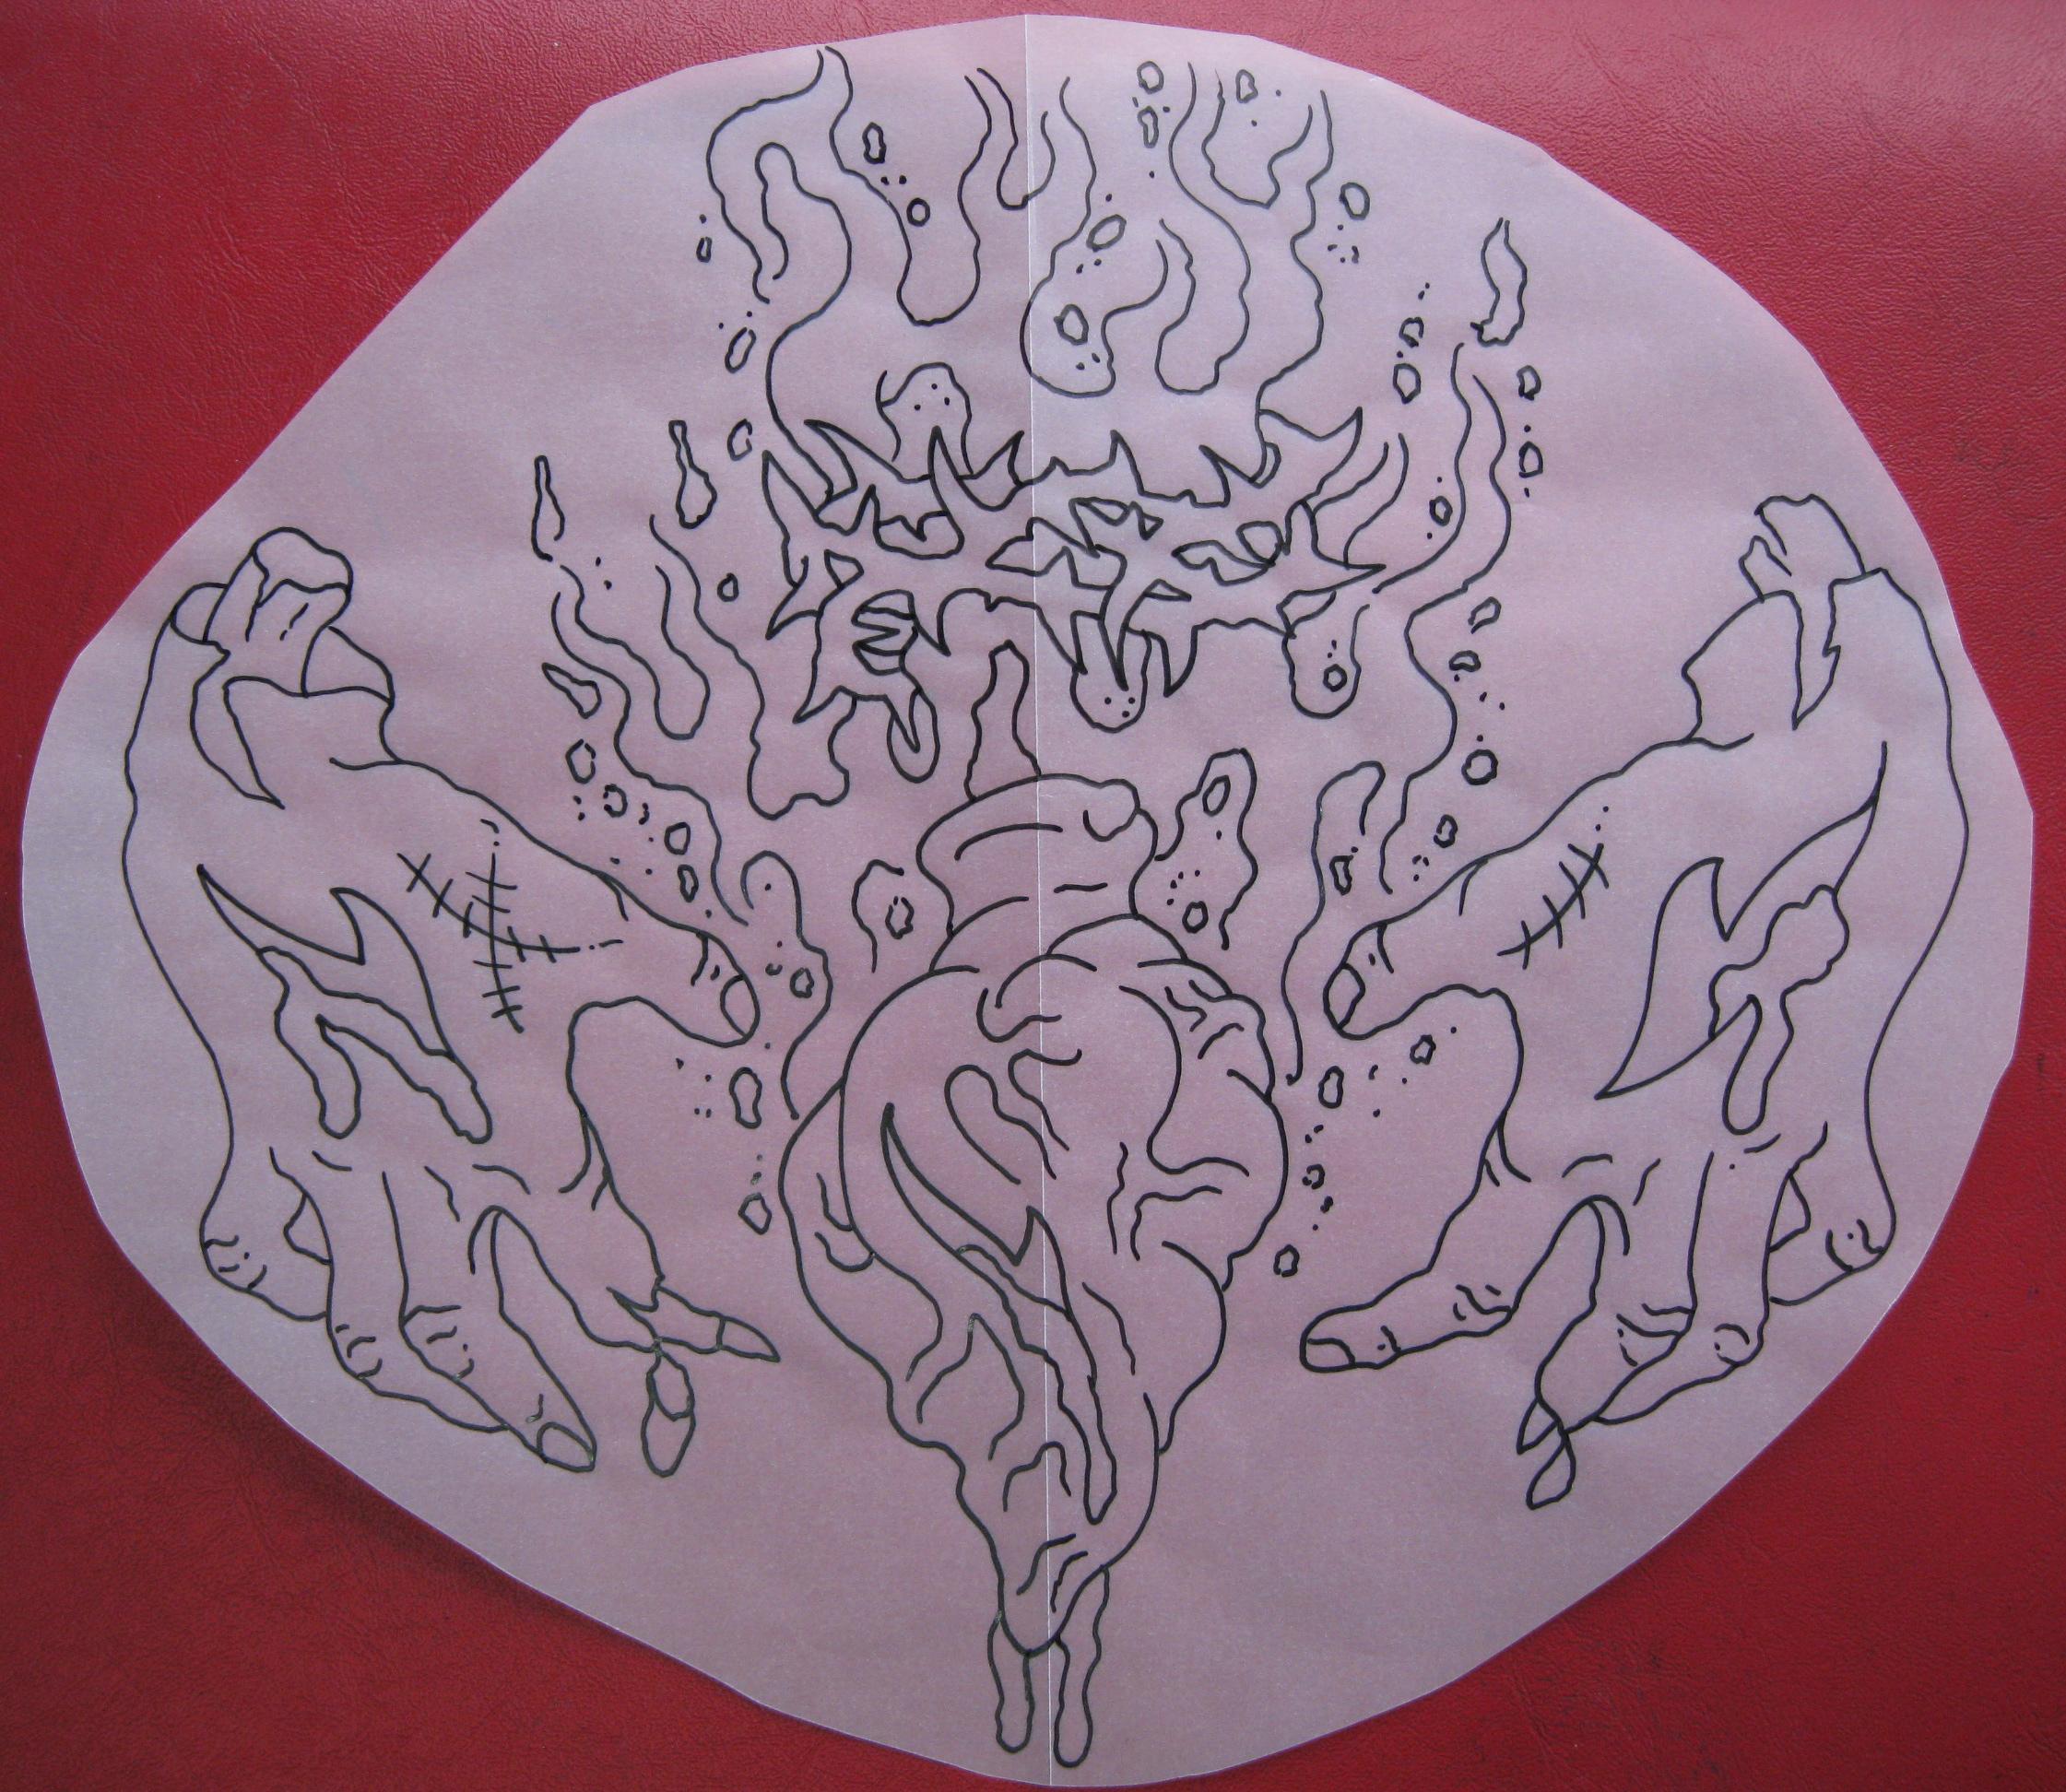 2241x1944 Claddagh Irish St Tattoo